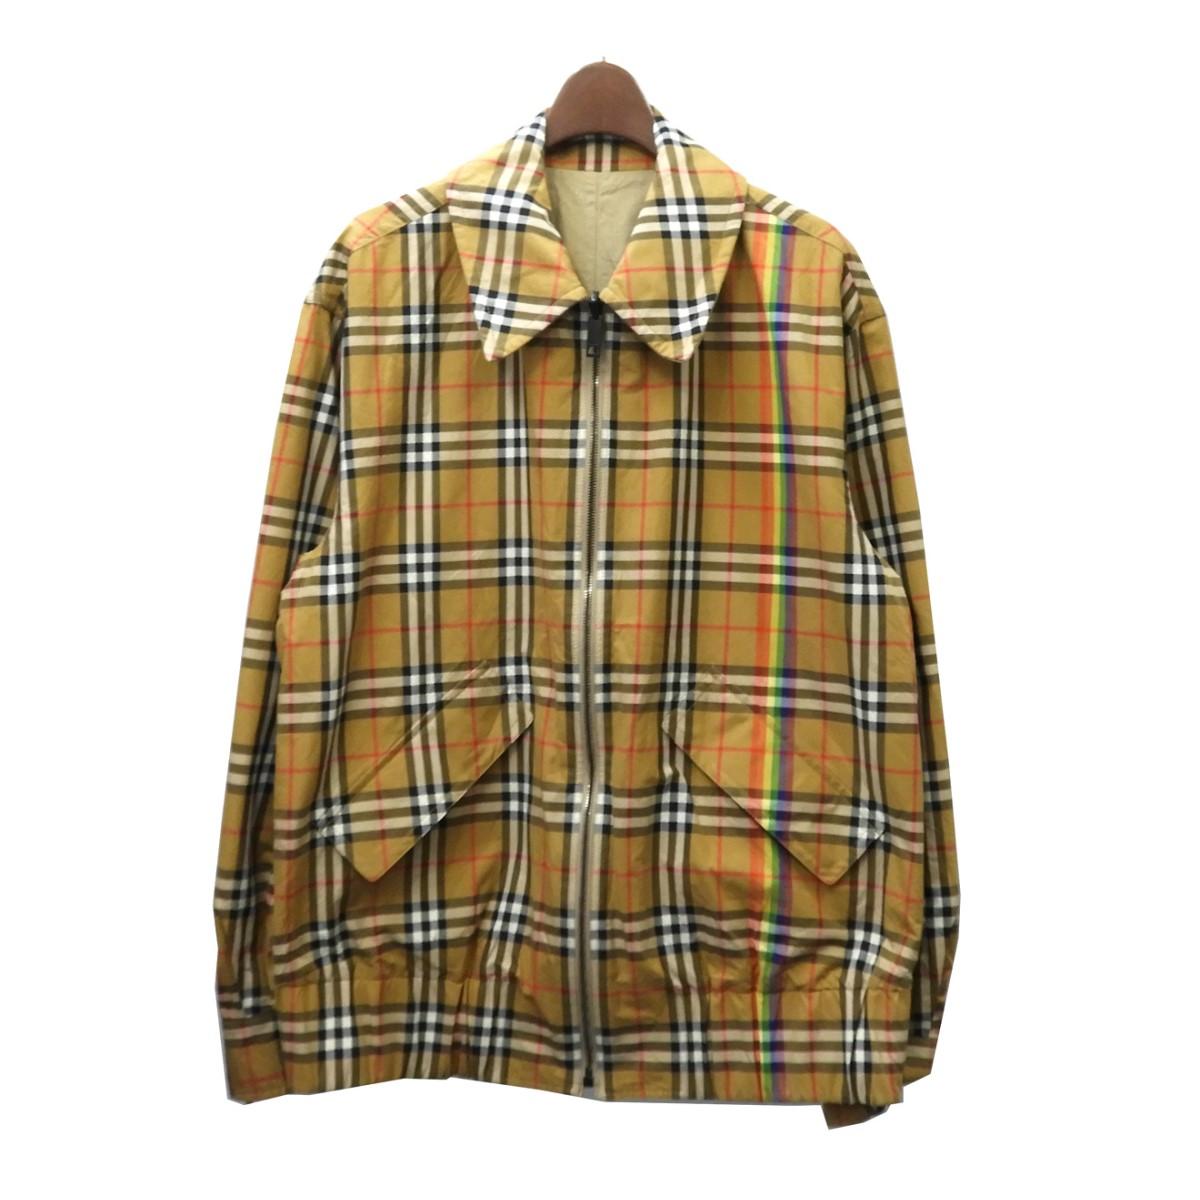 【中古】BURBERRYレインボーチェックリバーシブルジップジャケット ベージュ サイズ:M 【4月16日見直し】